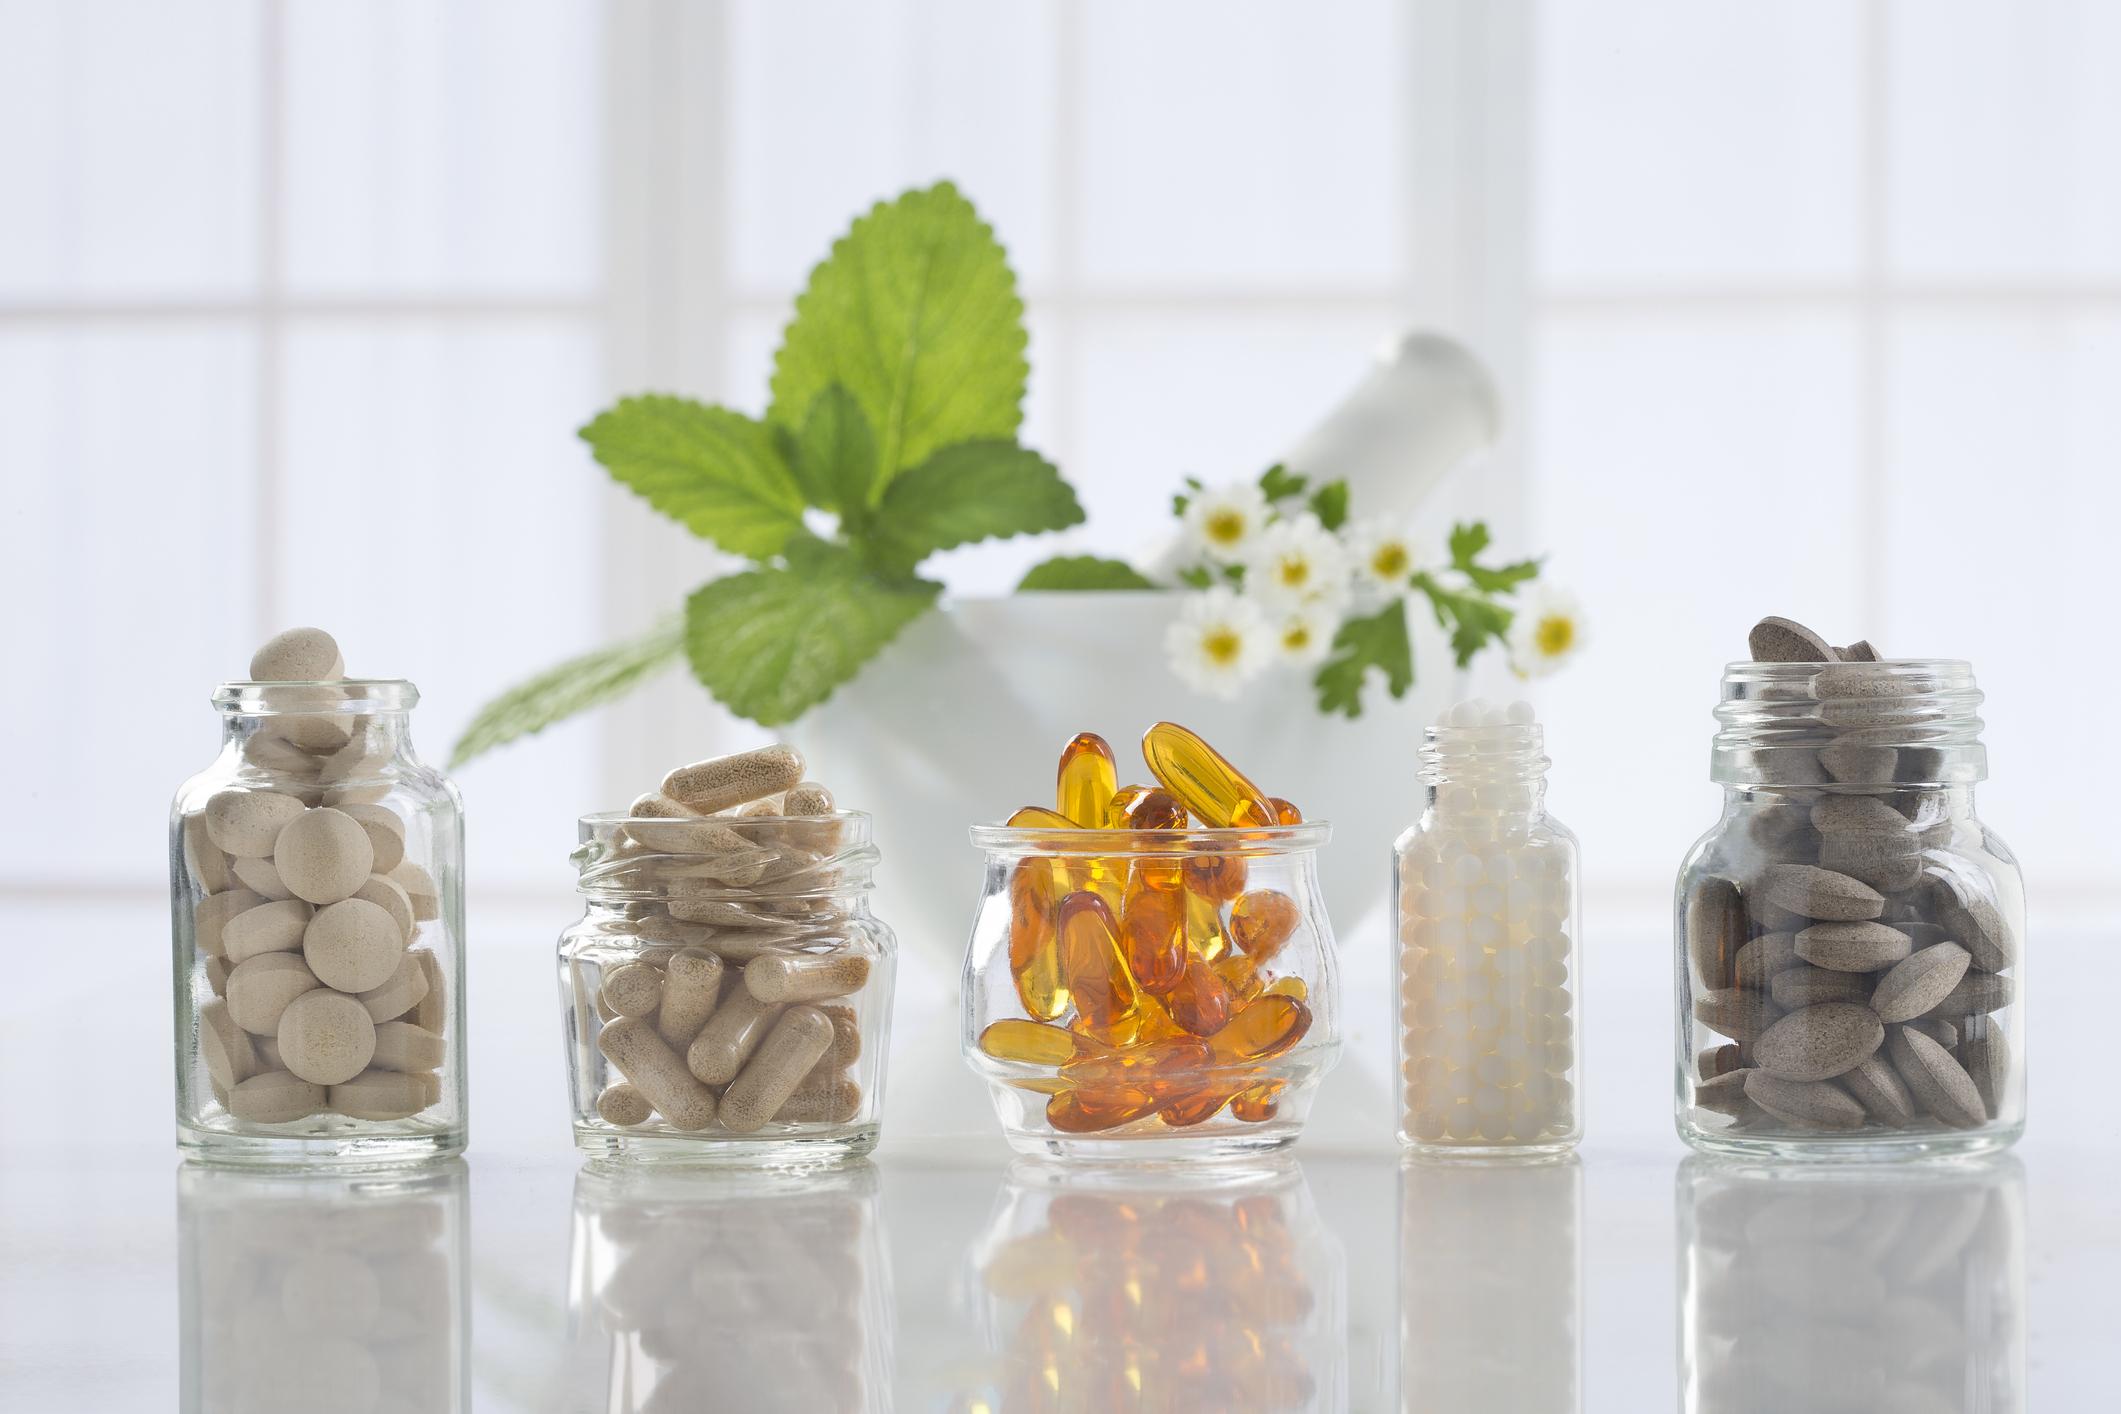 Os multivitamínicos são suplementos que reúnem vitaminas e minerais com funções extremamente importantes a diferentes necessidades.